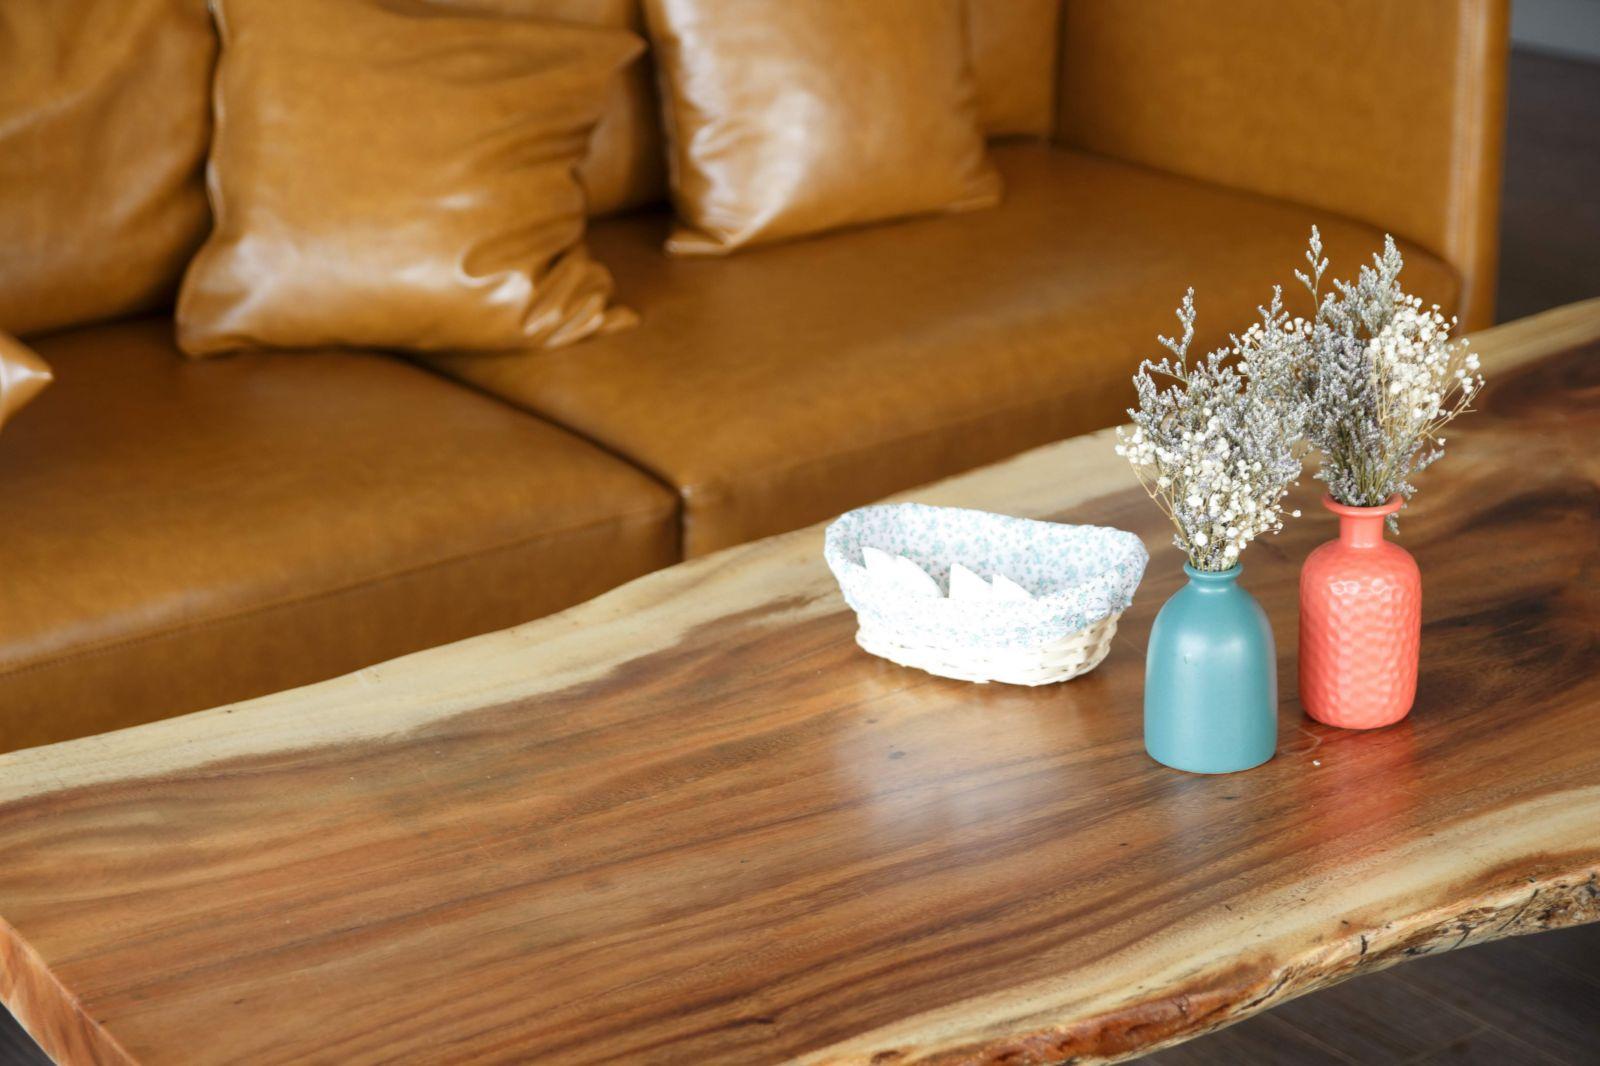 đồ trang trí nội thất trở nên tự nhiên hơn